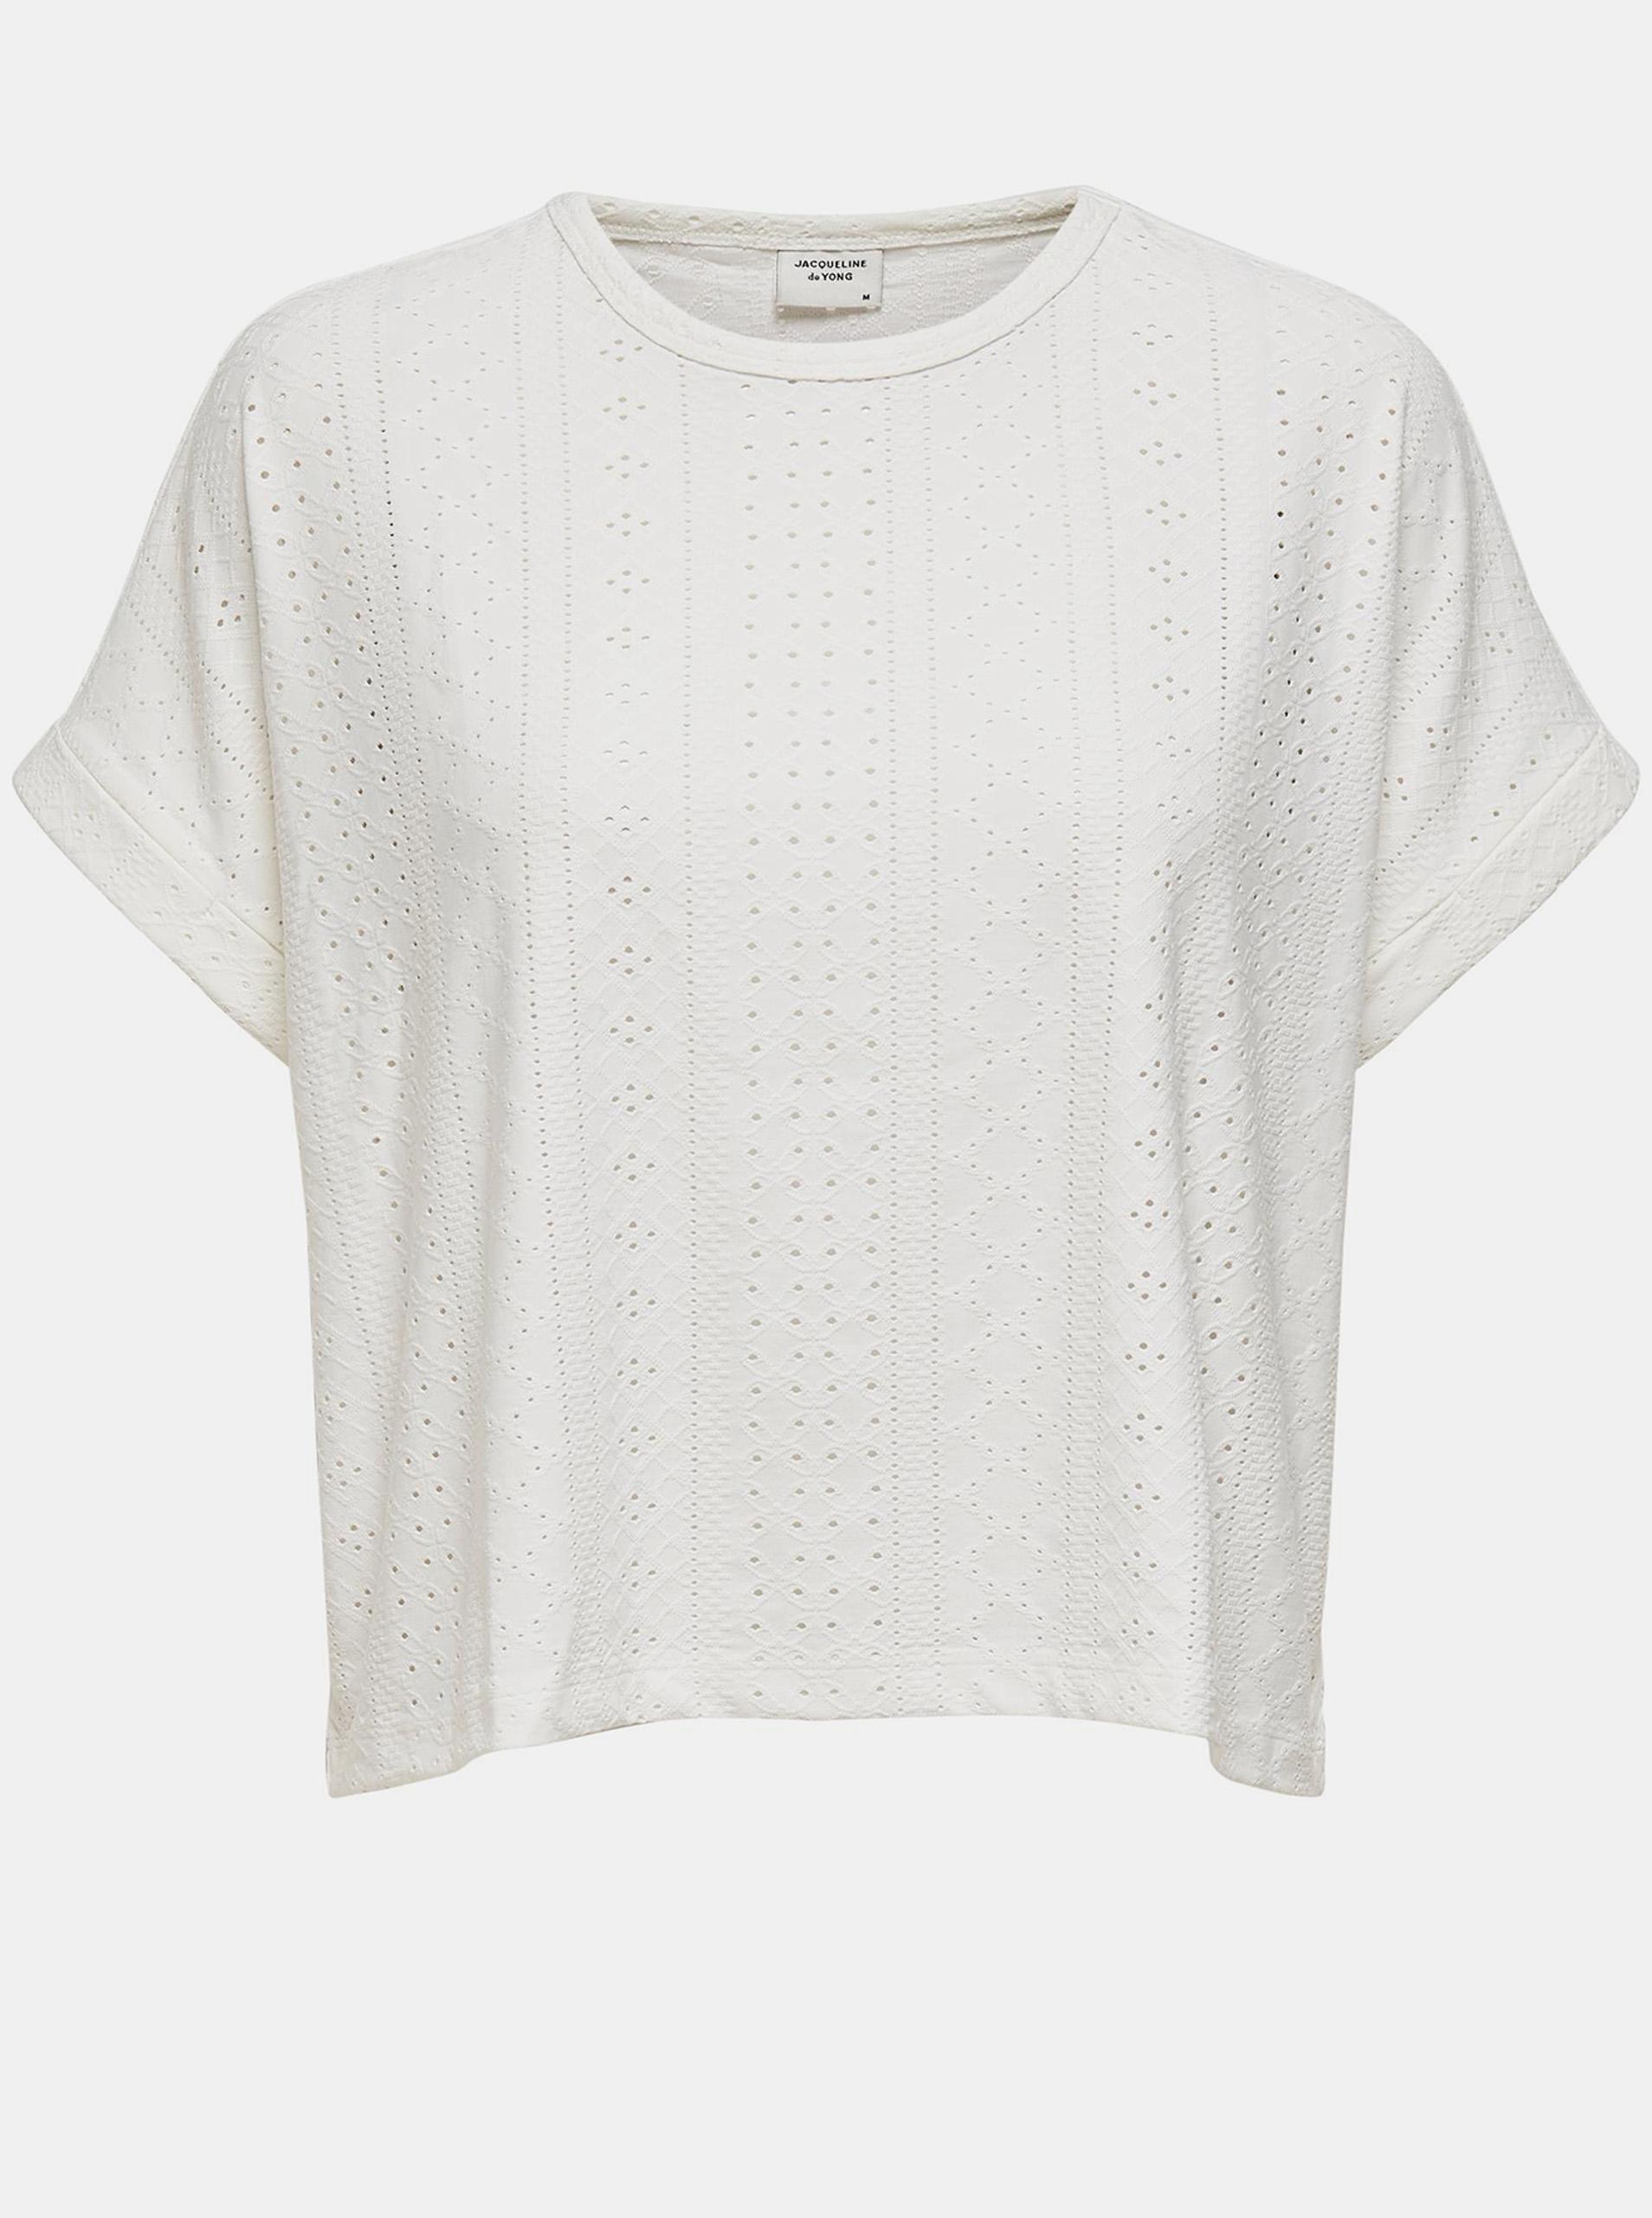 Jacqueline de Yong white T-shirt Fatinka